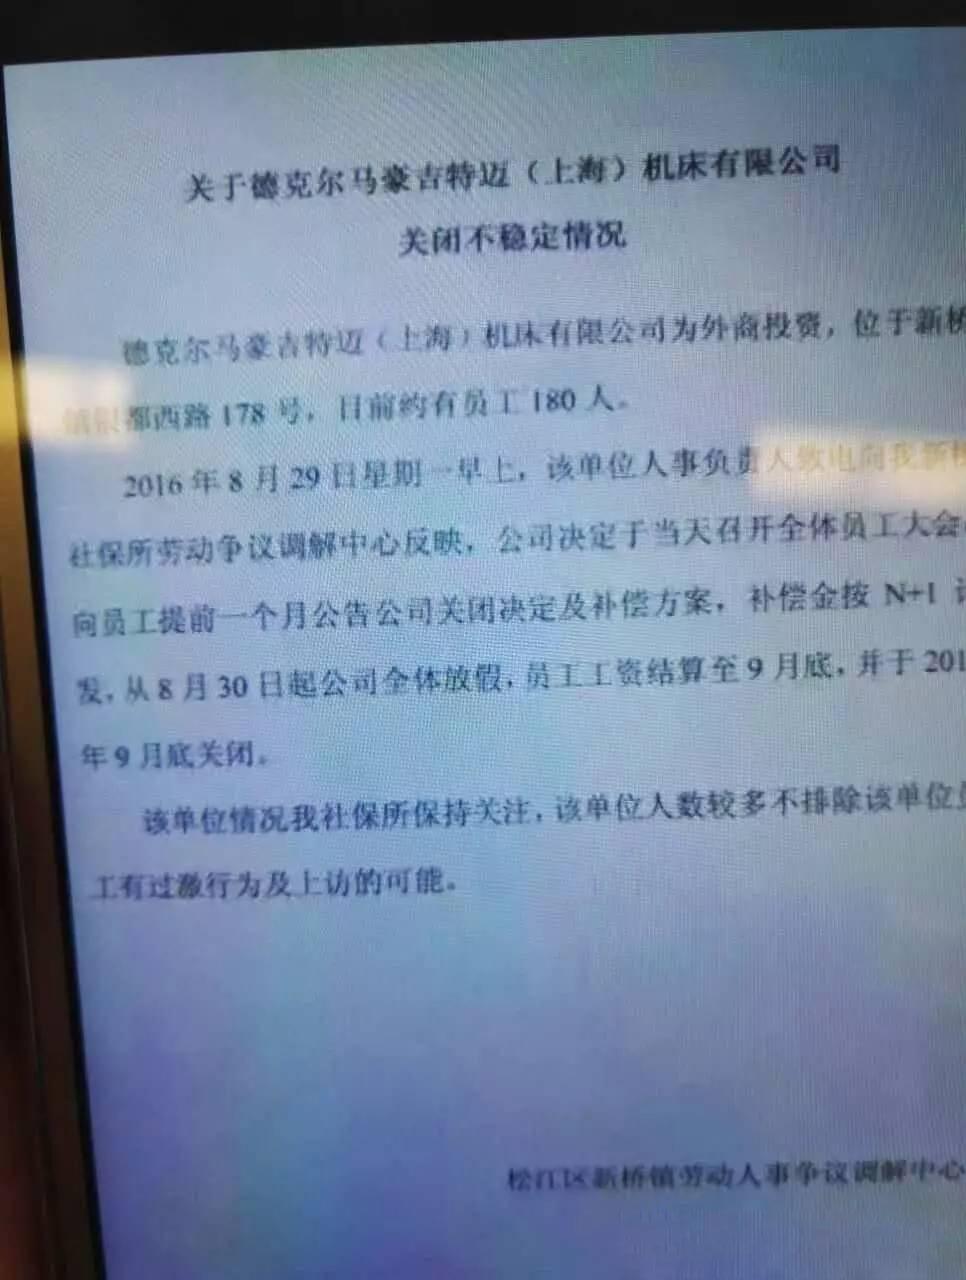 德馬吉關閉上海工廠 高端機床的危機全面來臨了嗎?